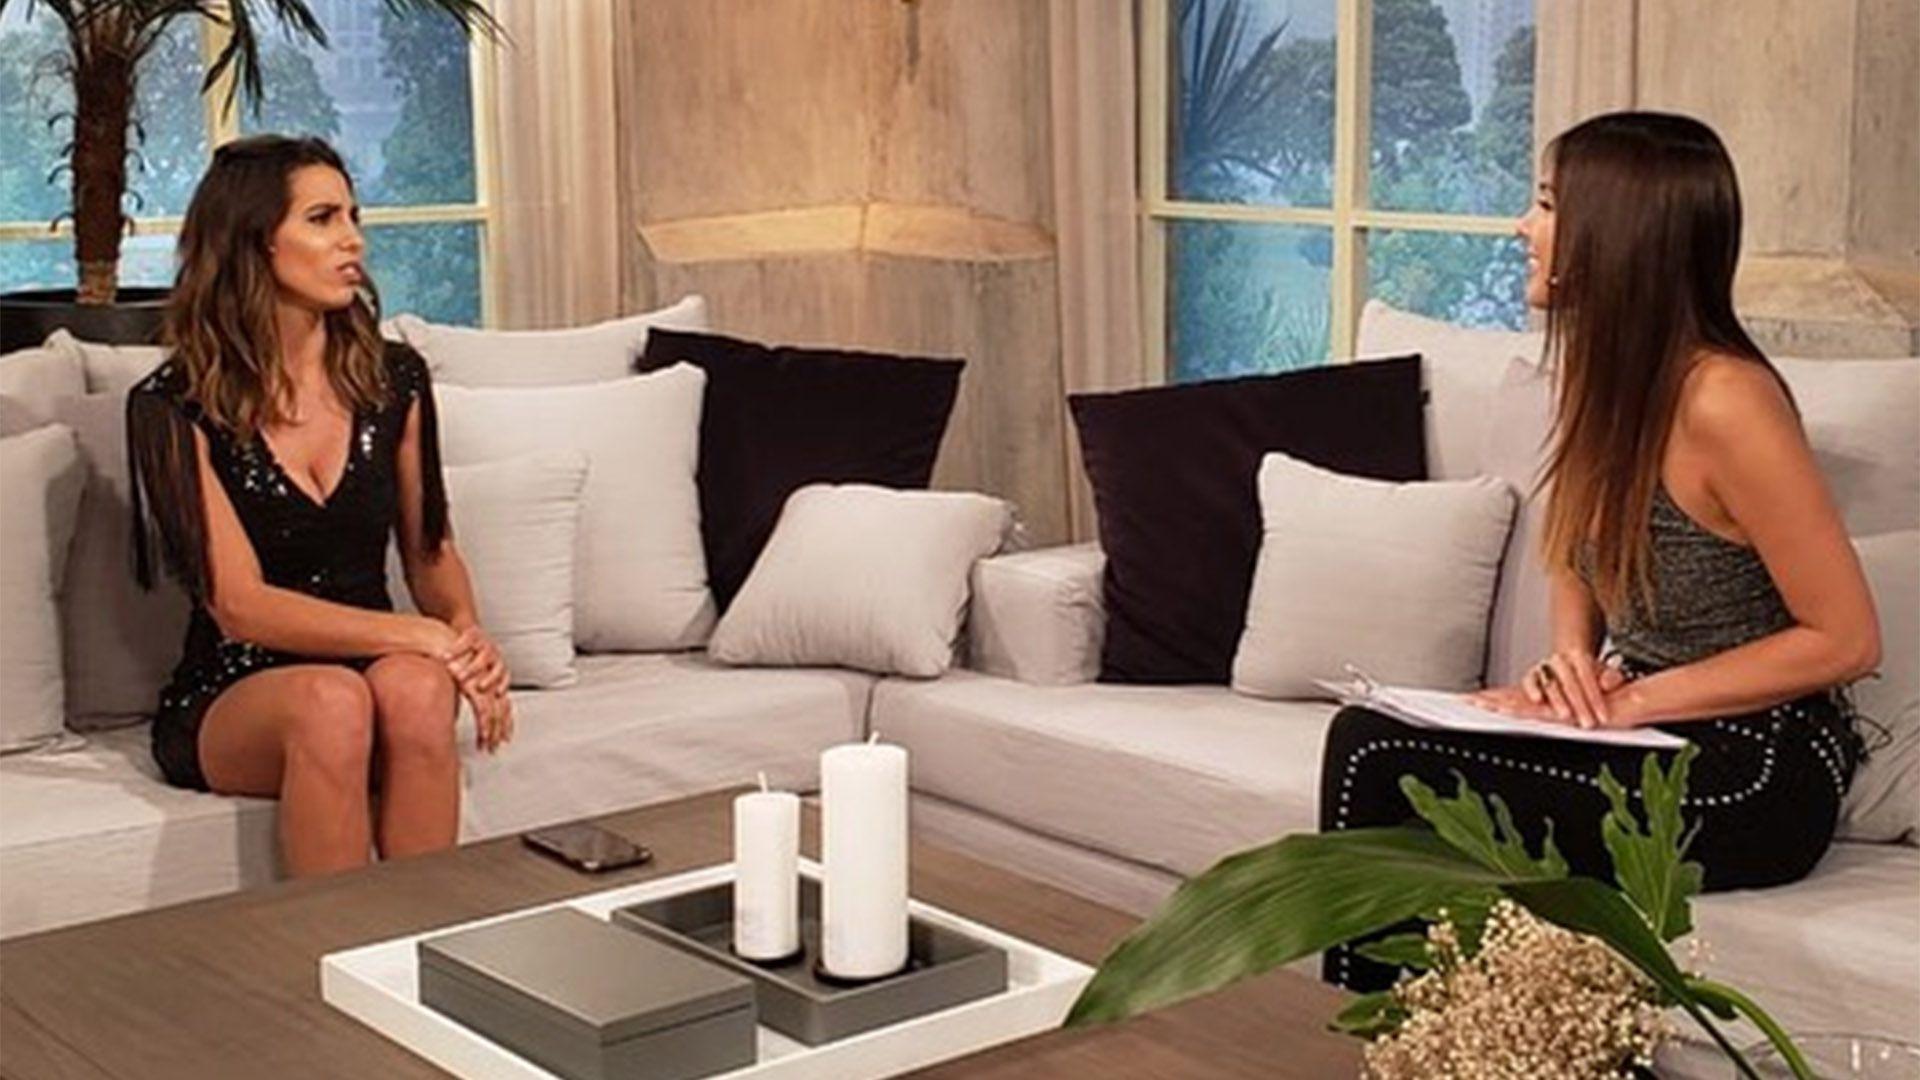 Pampita entrevistando a Cinthia Fernández, en su regreso a la tevé